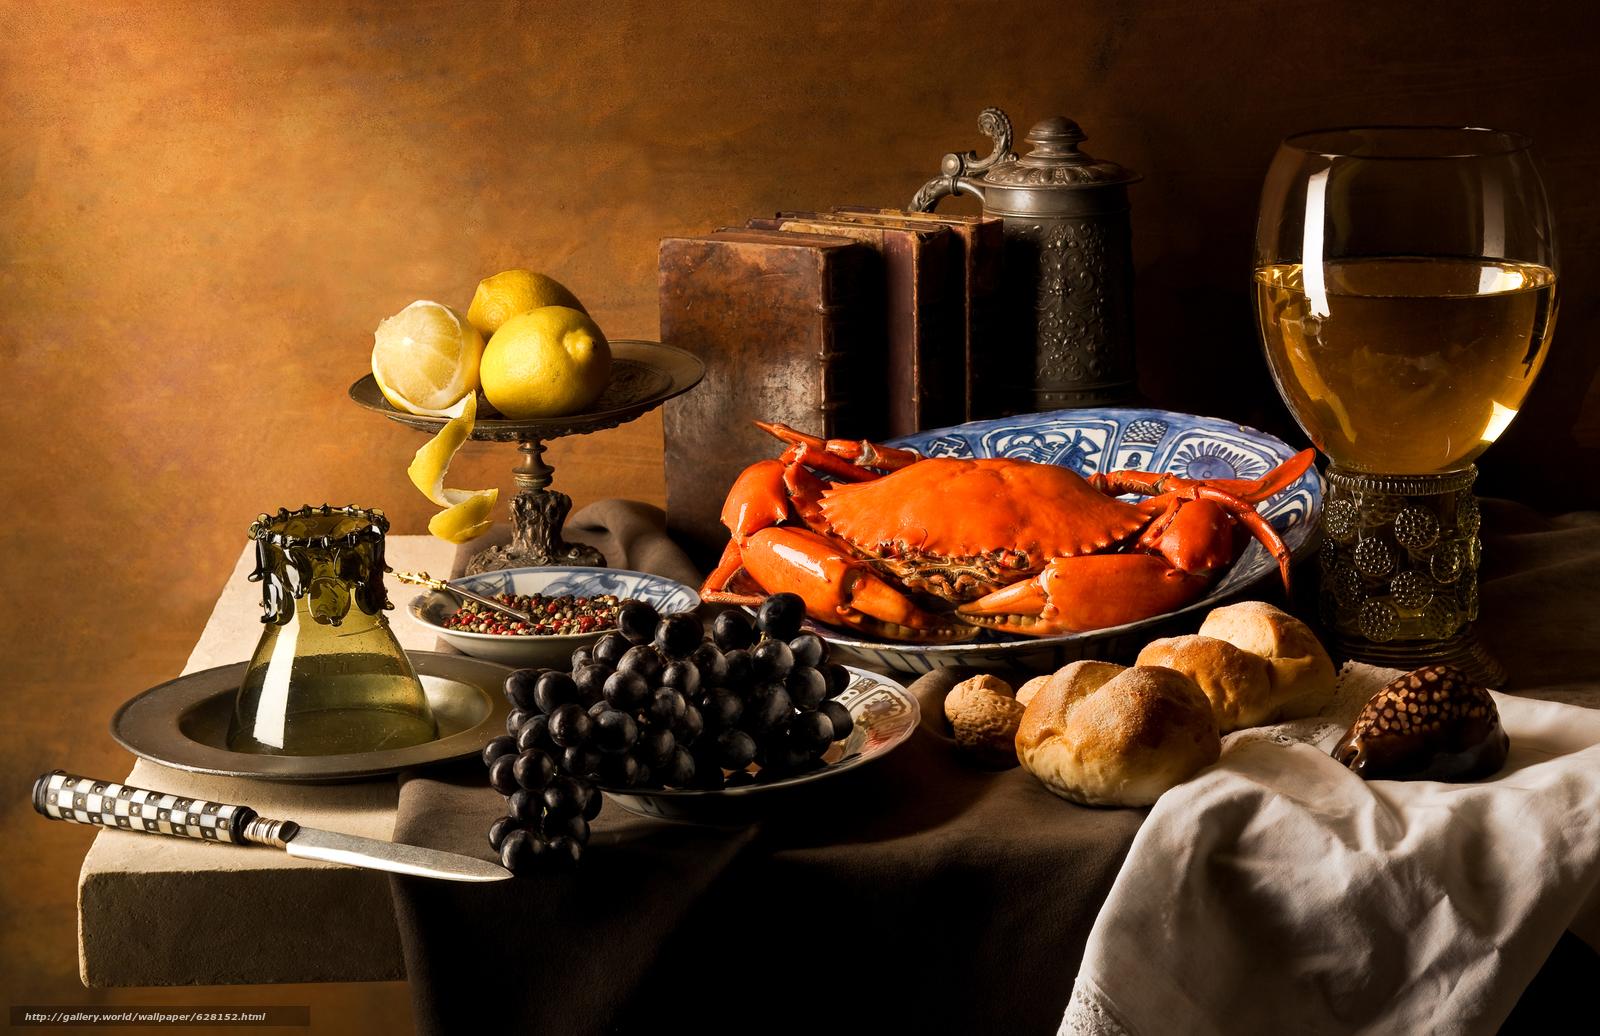 Скачать на телефон обои фото картинку на тему еда, виноград, краб, лимоны, разширение 4196x2717